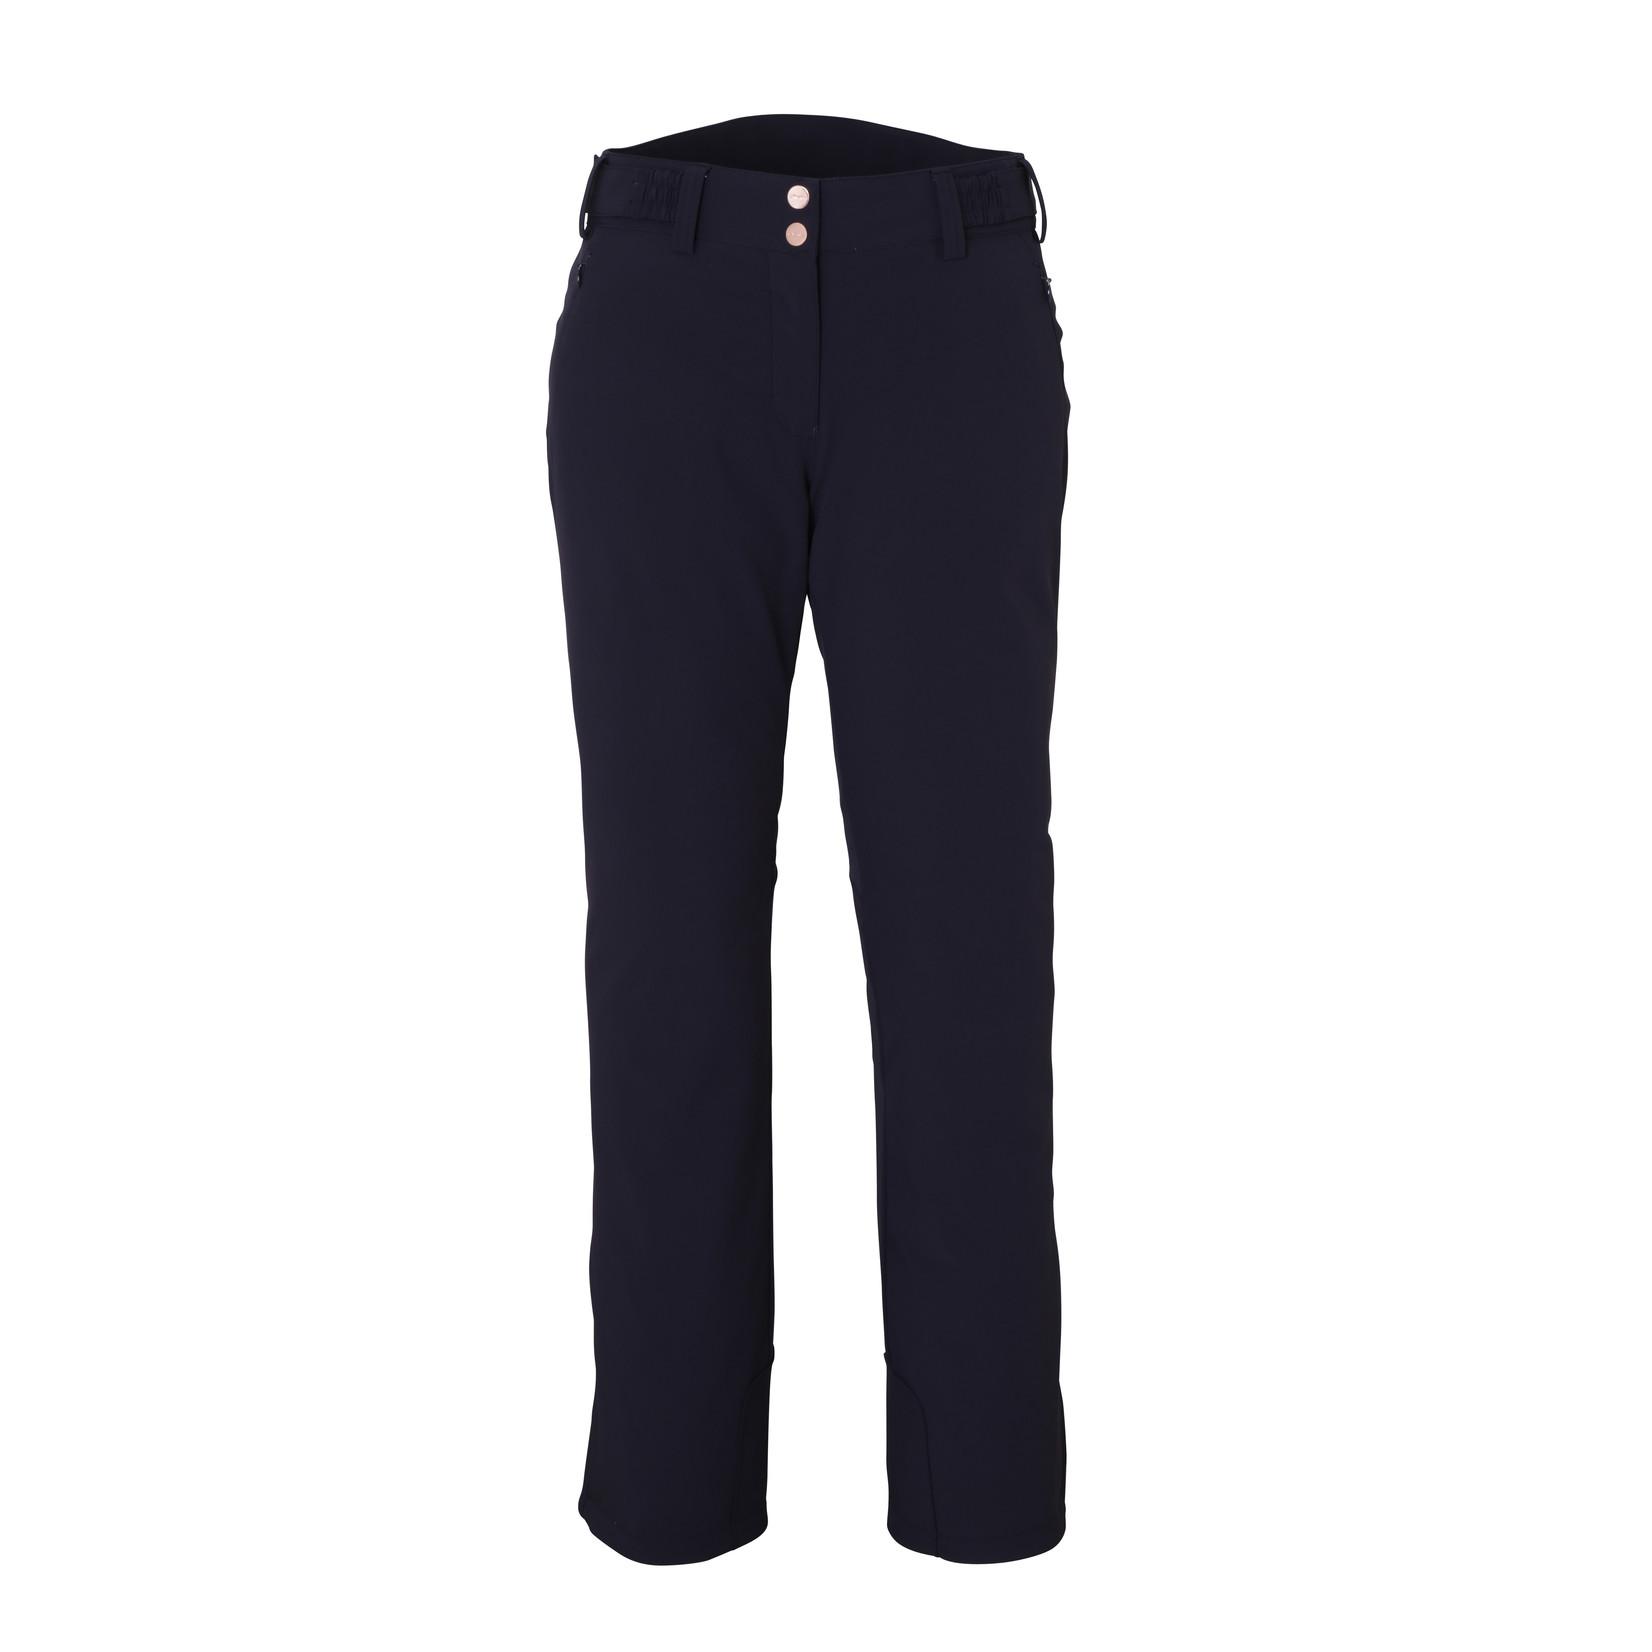 PHENIX Opal Pants